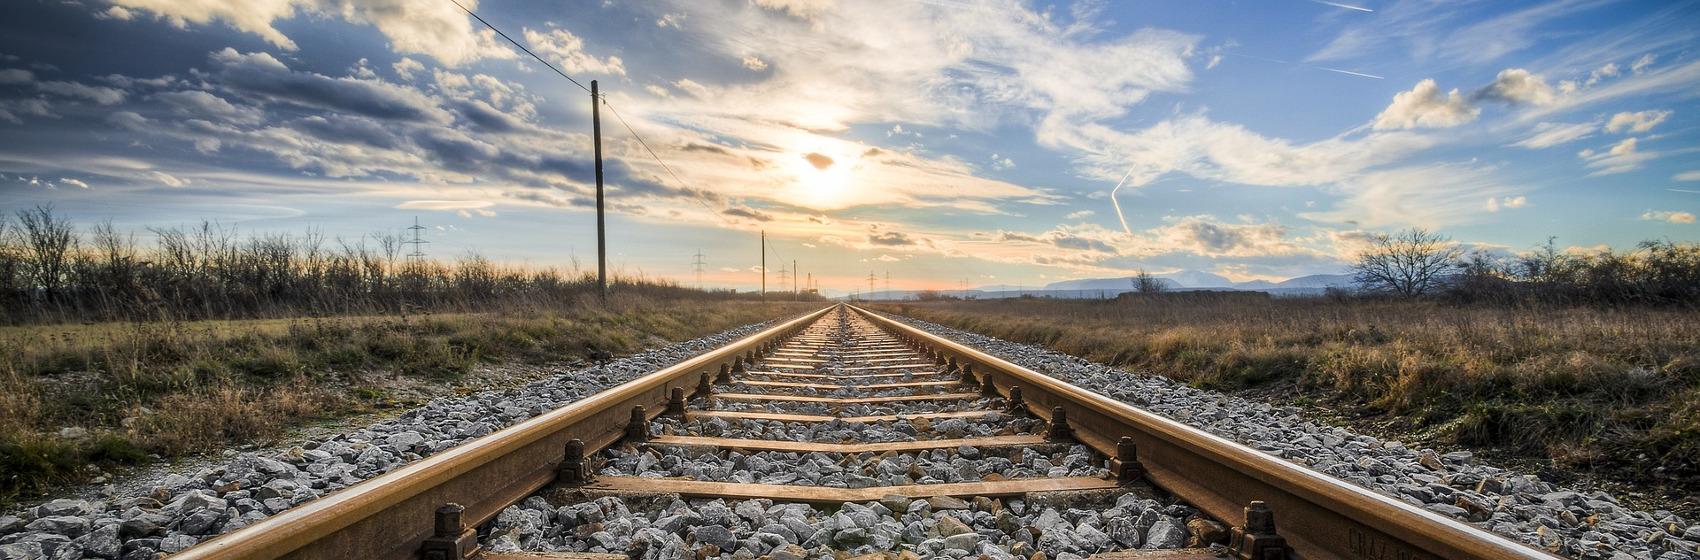 Photo d'un chemin de fer